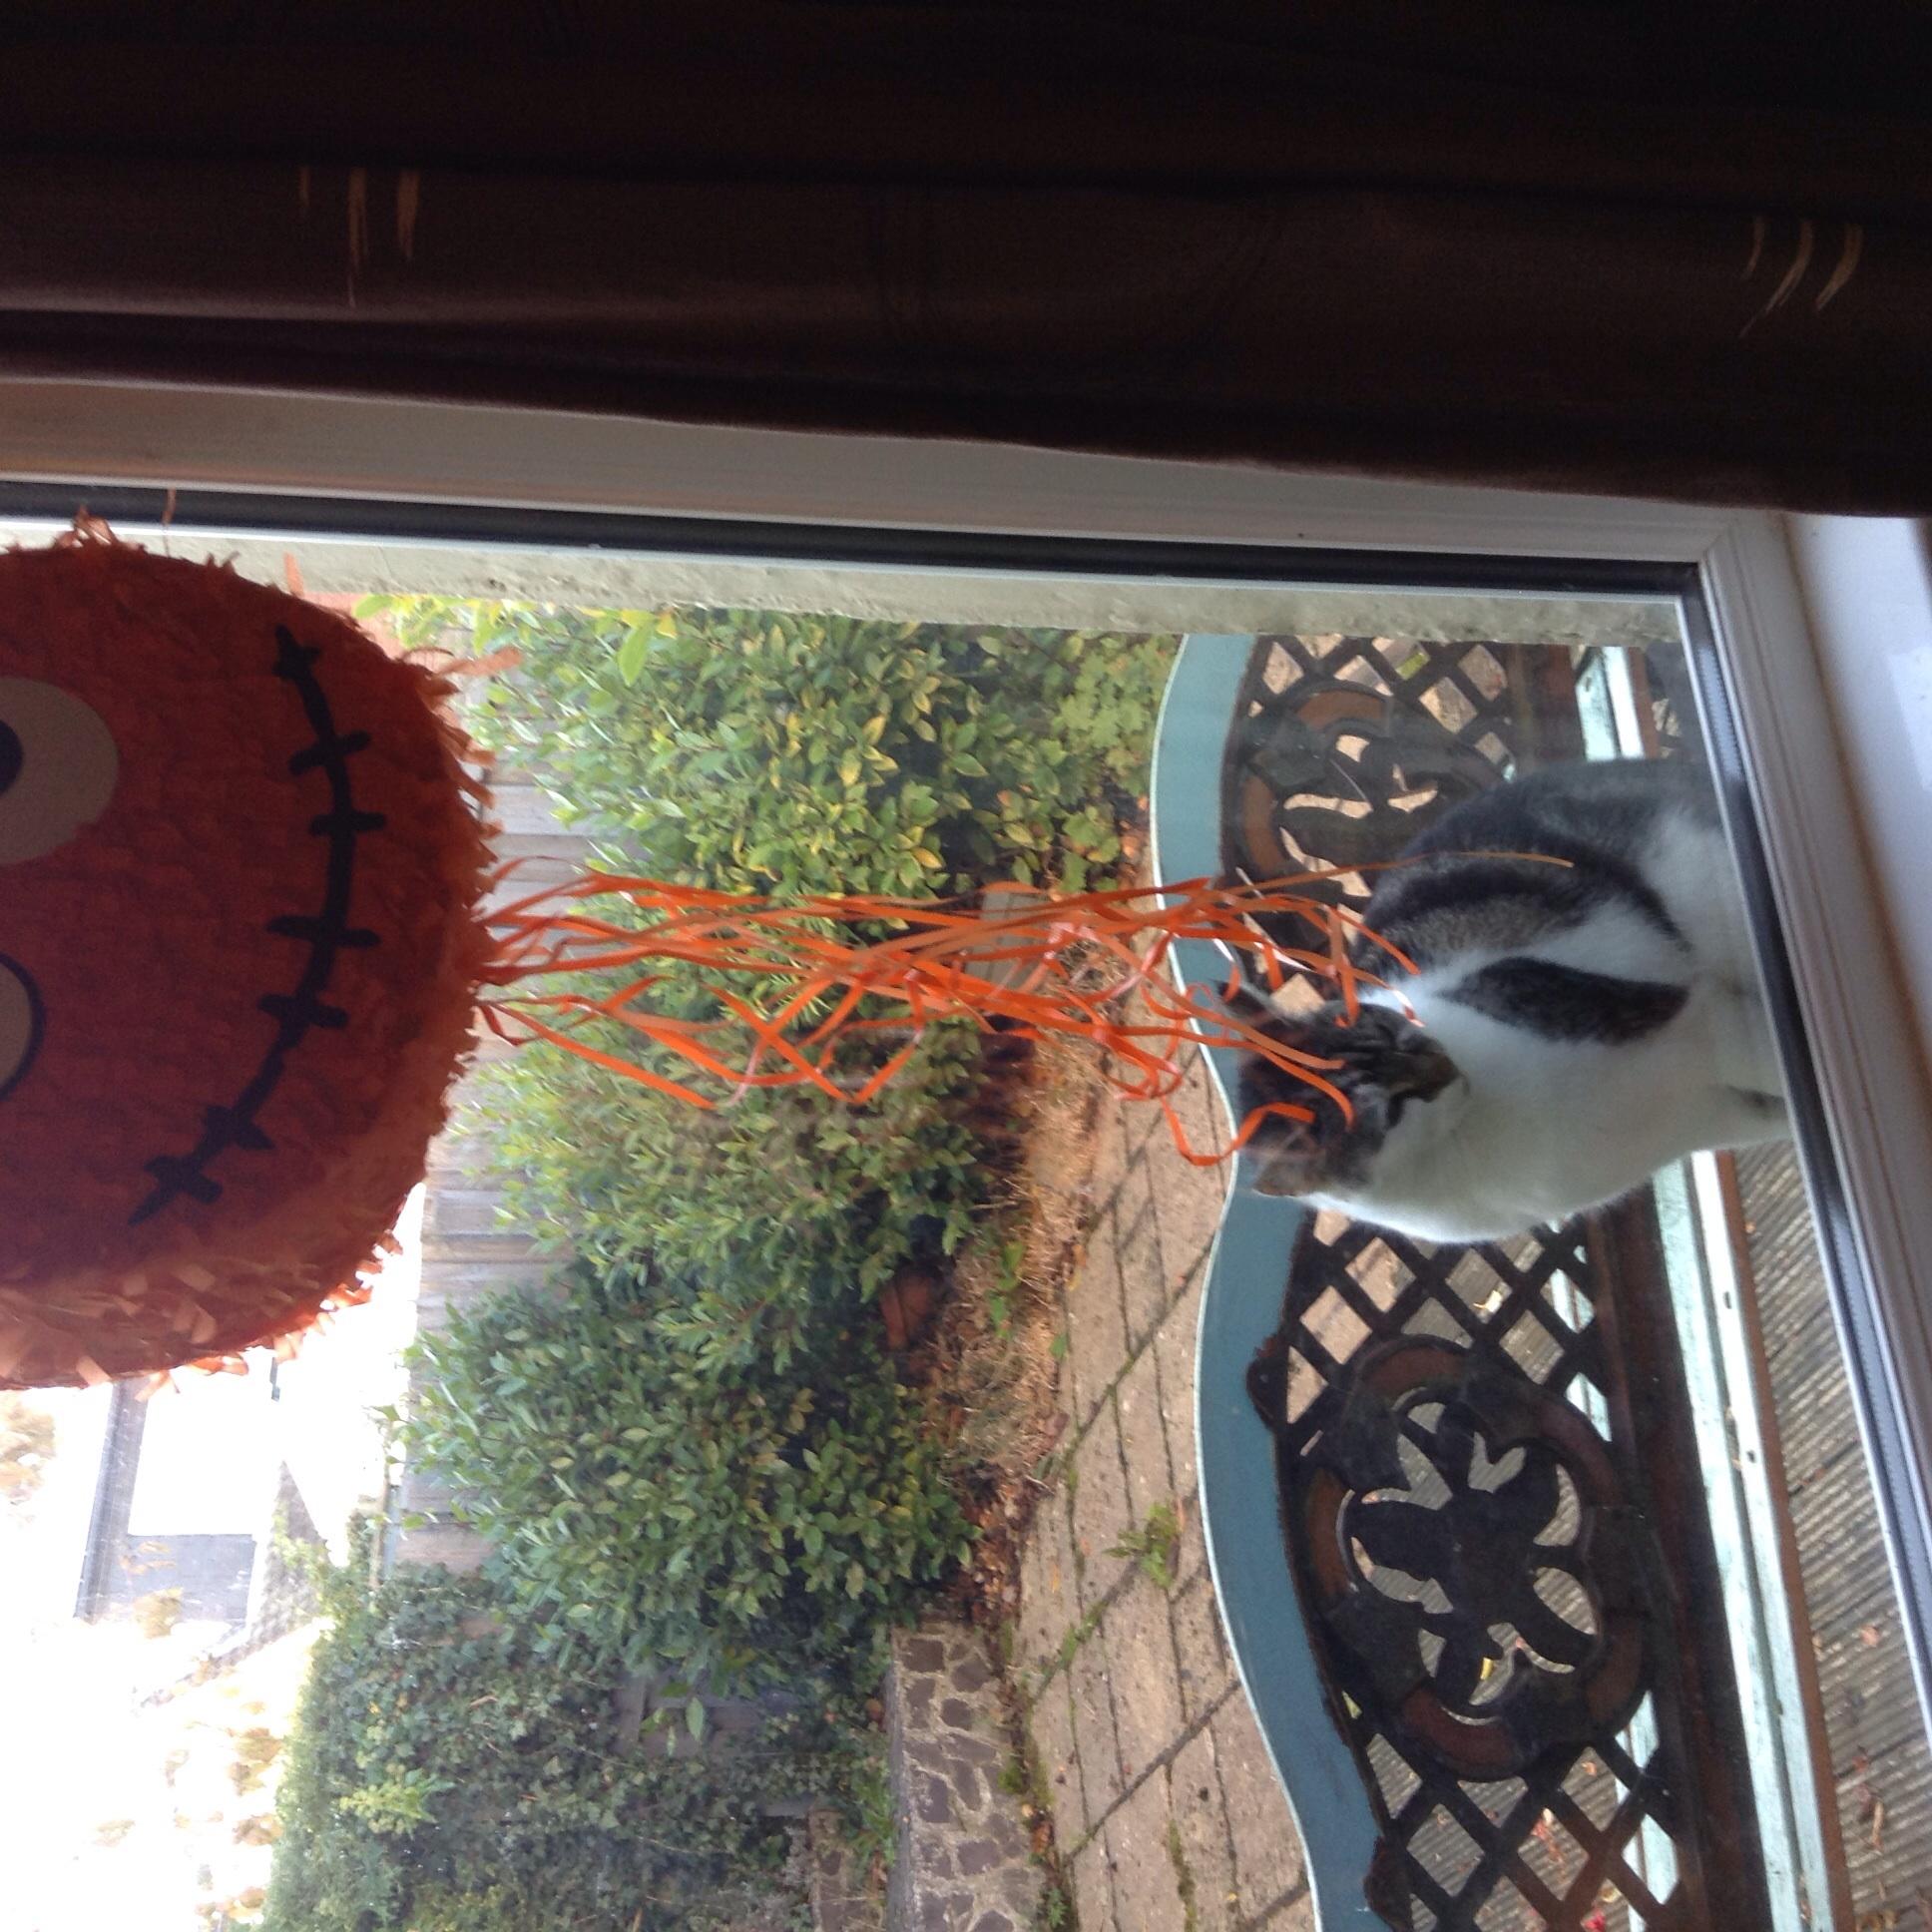 Next door's cat is impressed